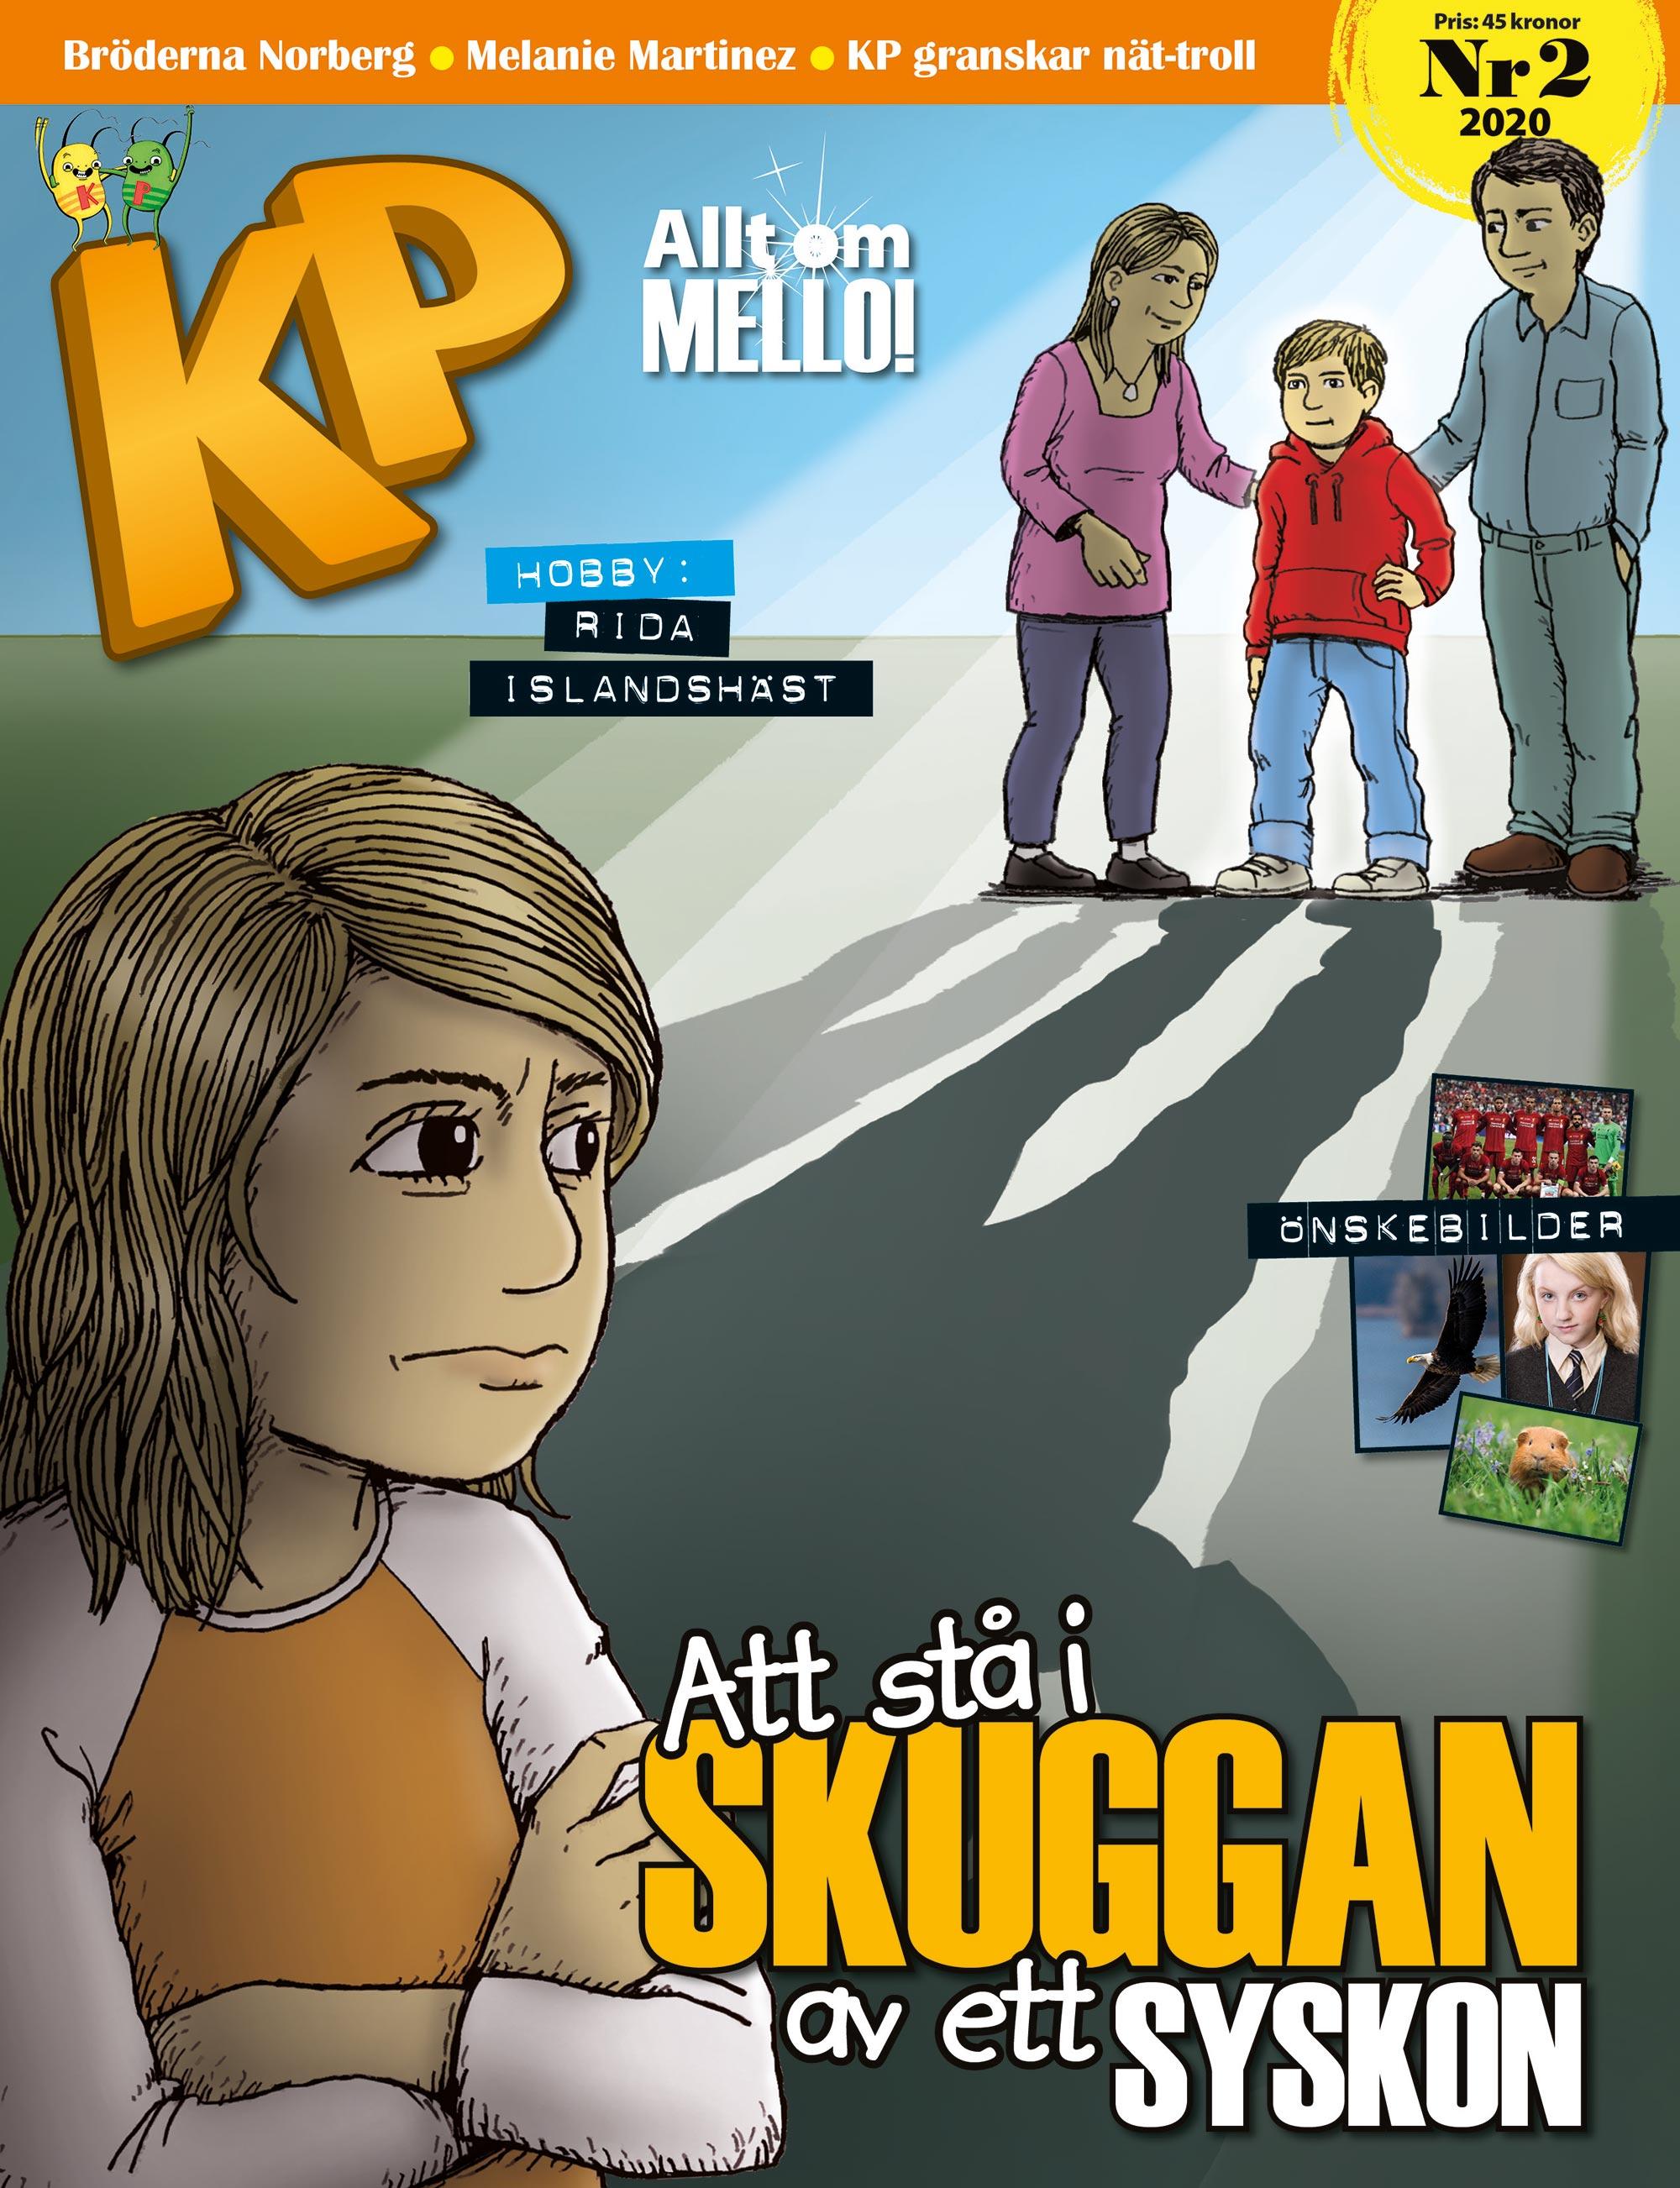 KP0220_Omslag